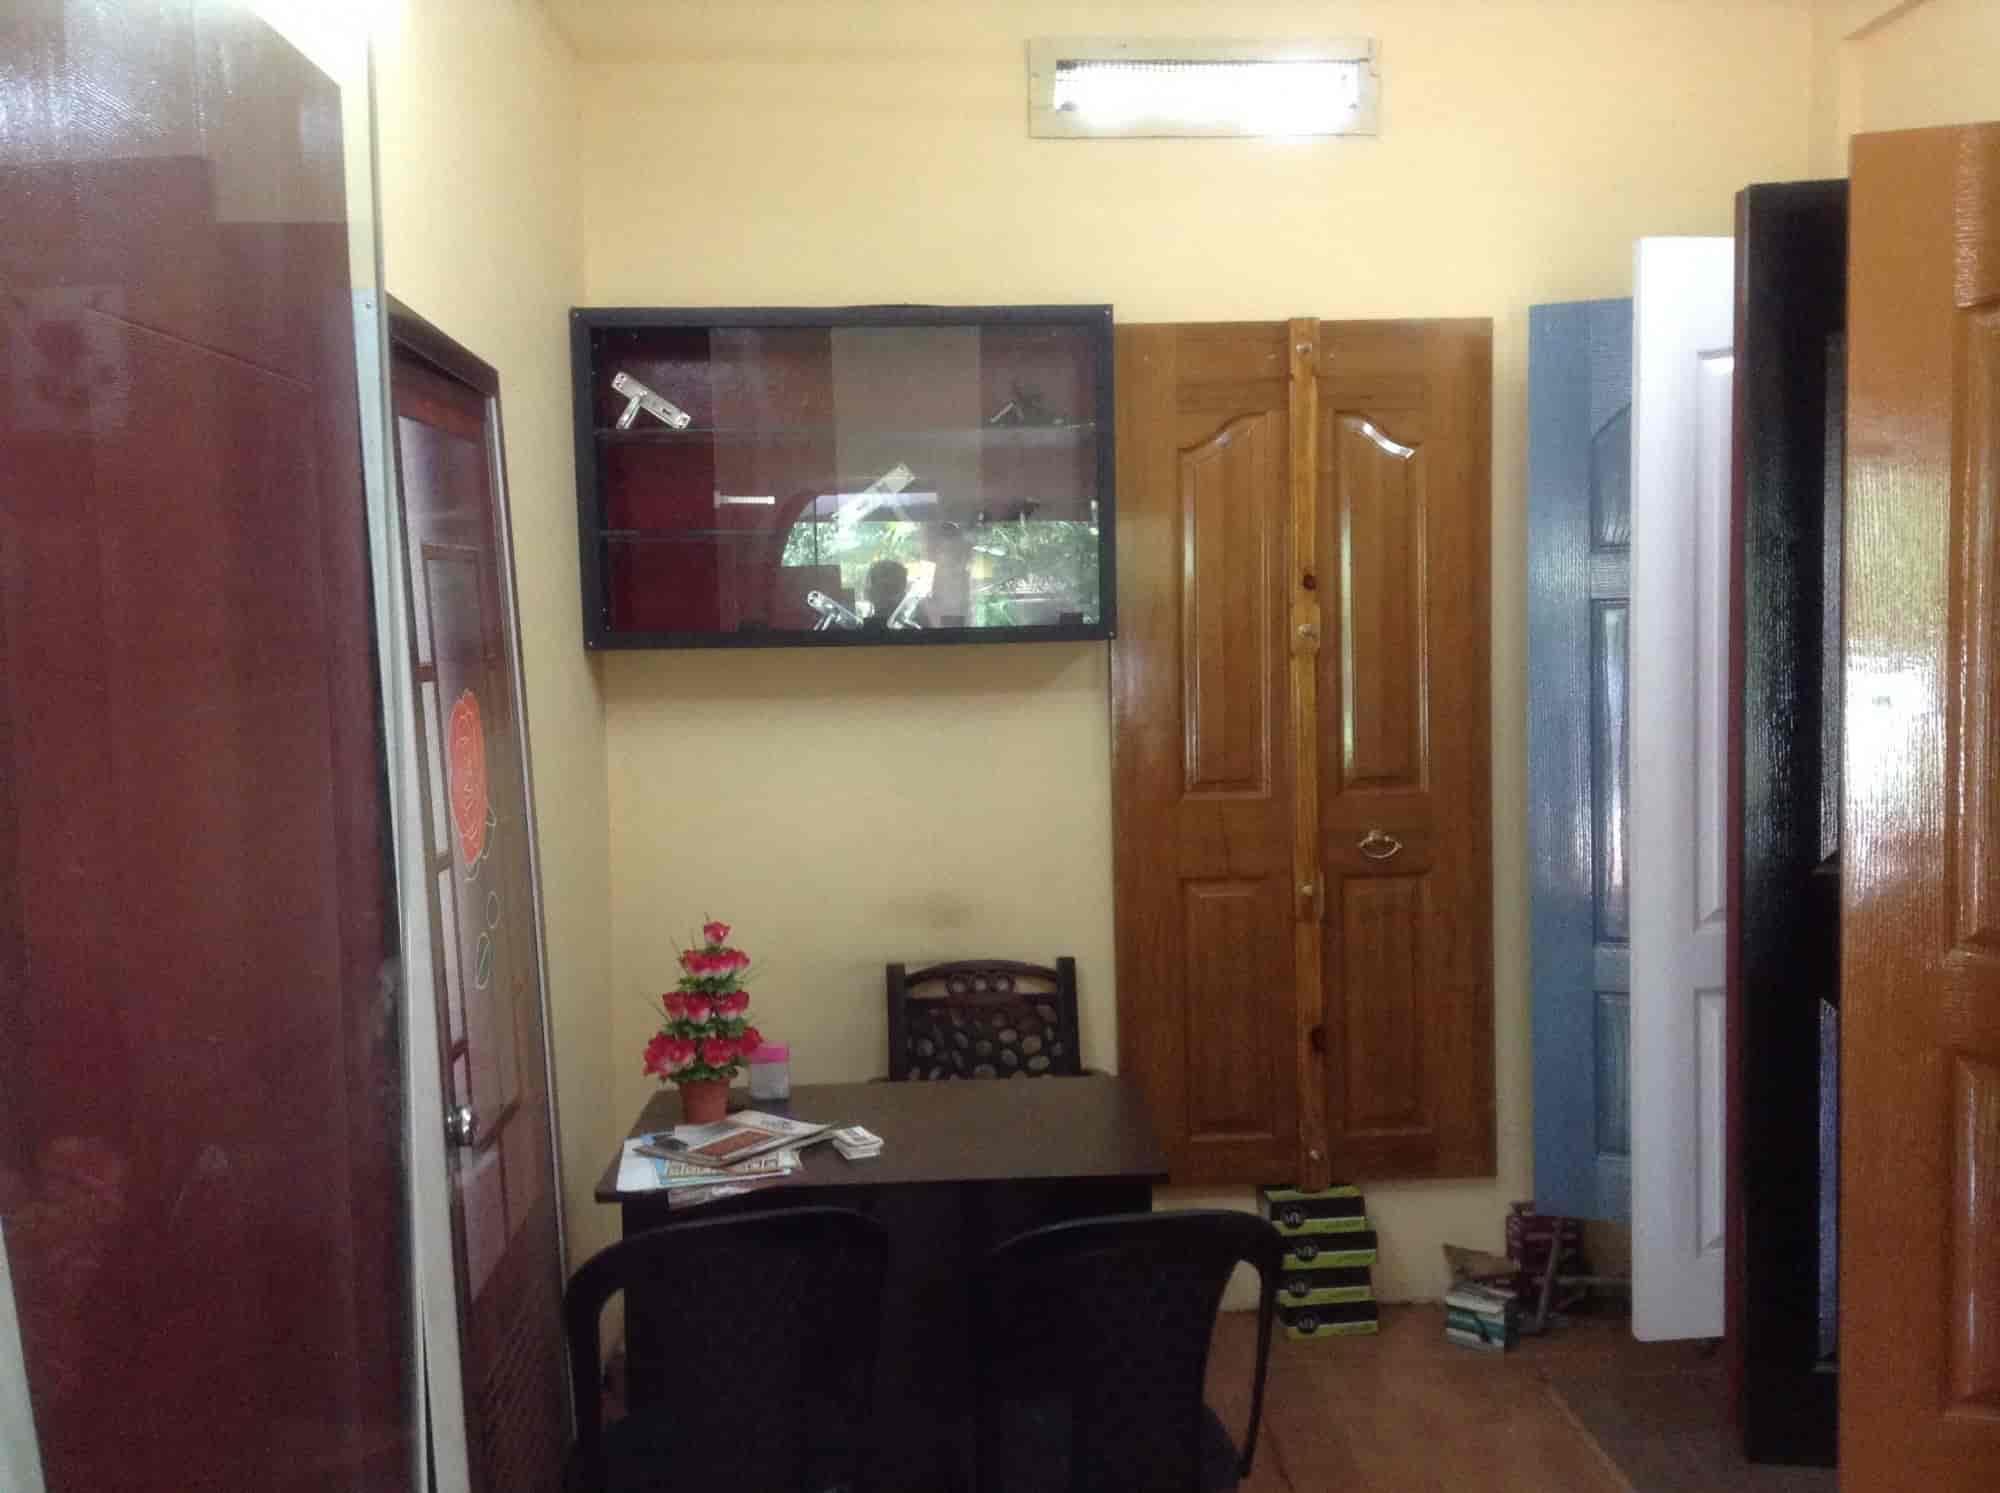 Budget Doors & Budget Doors Chelembra - PVC Door Dealers in Malappuram - Justdial